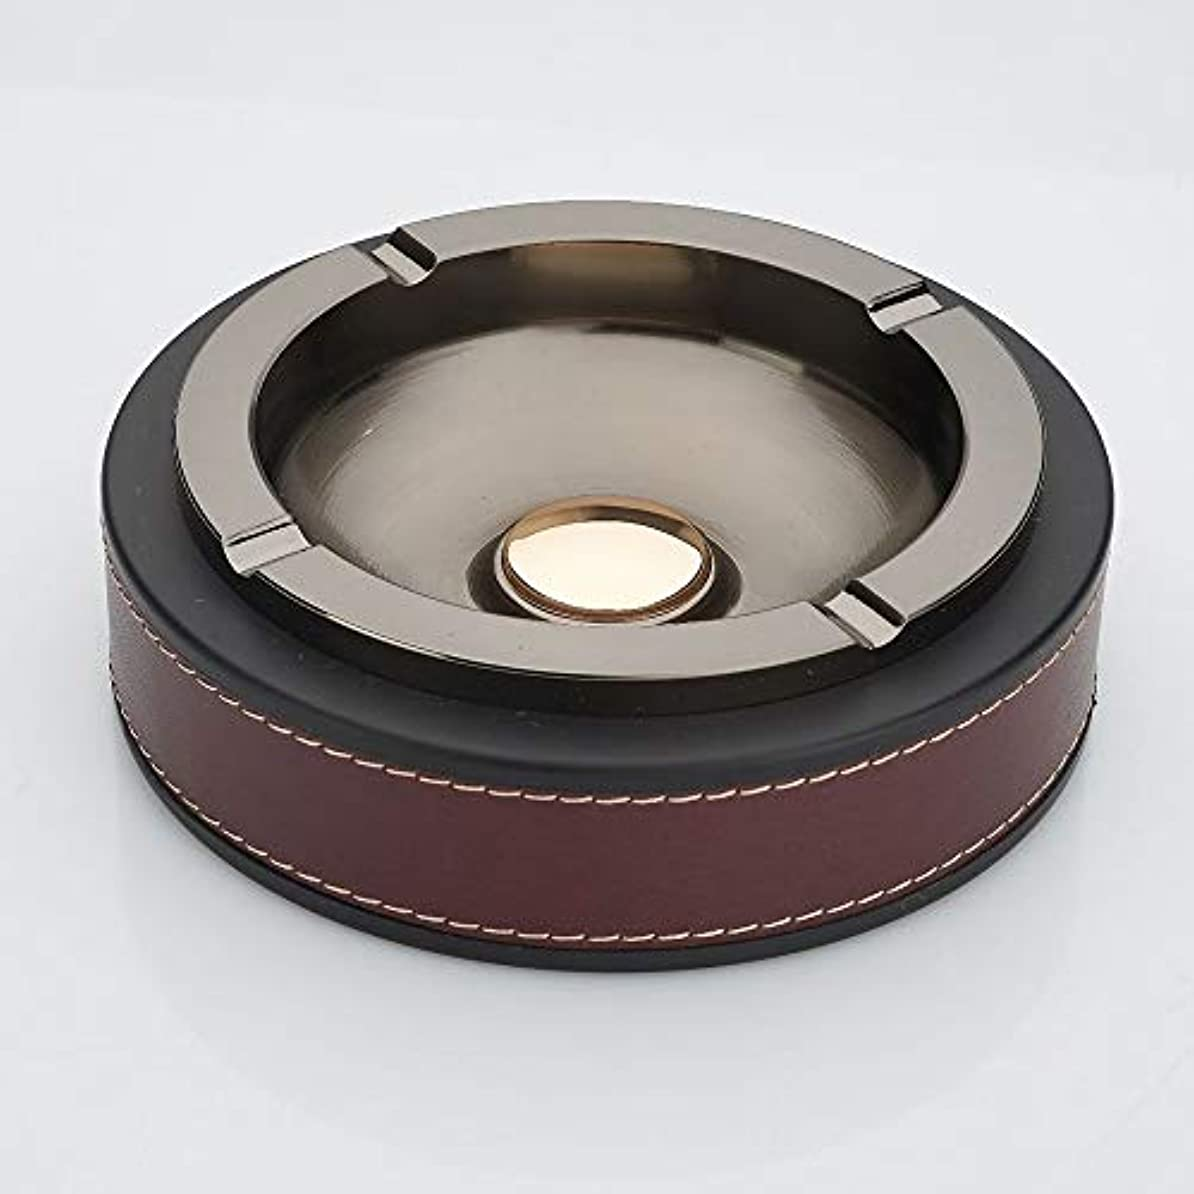 気づかない進むコインランドリータバコの灰皿クリエイティブ灰皿ホームデコレーション (色 : 赤)